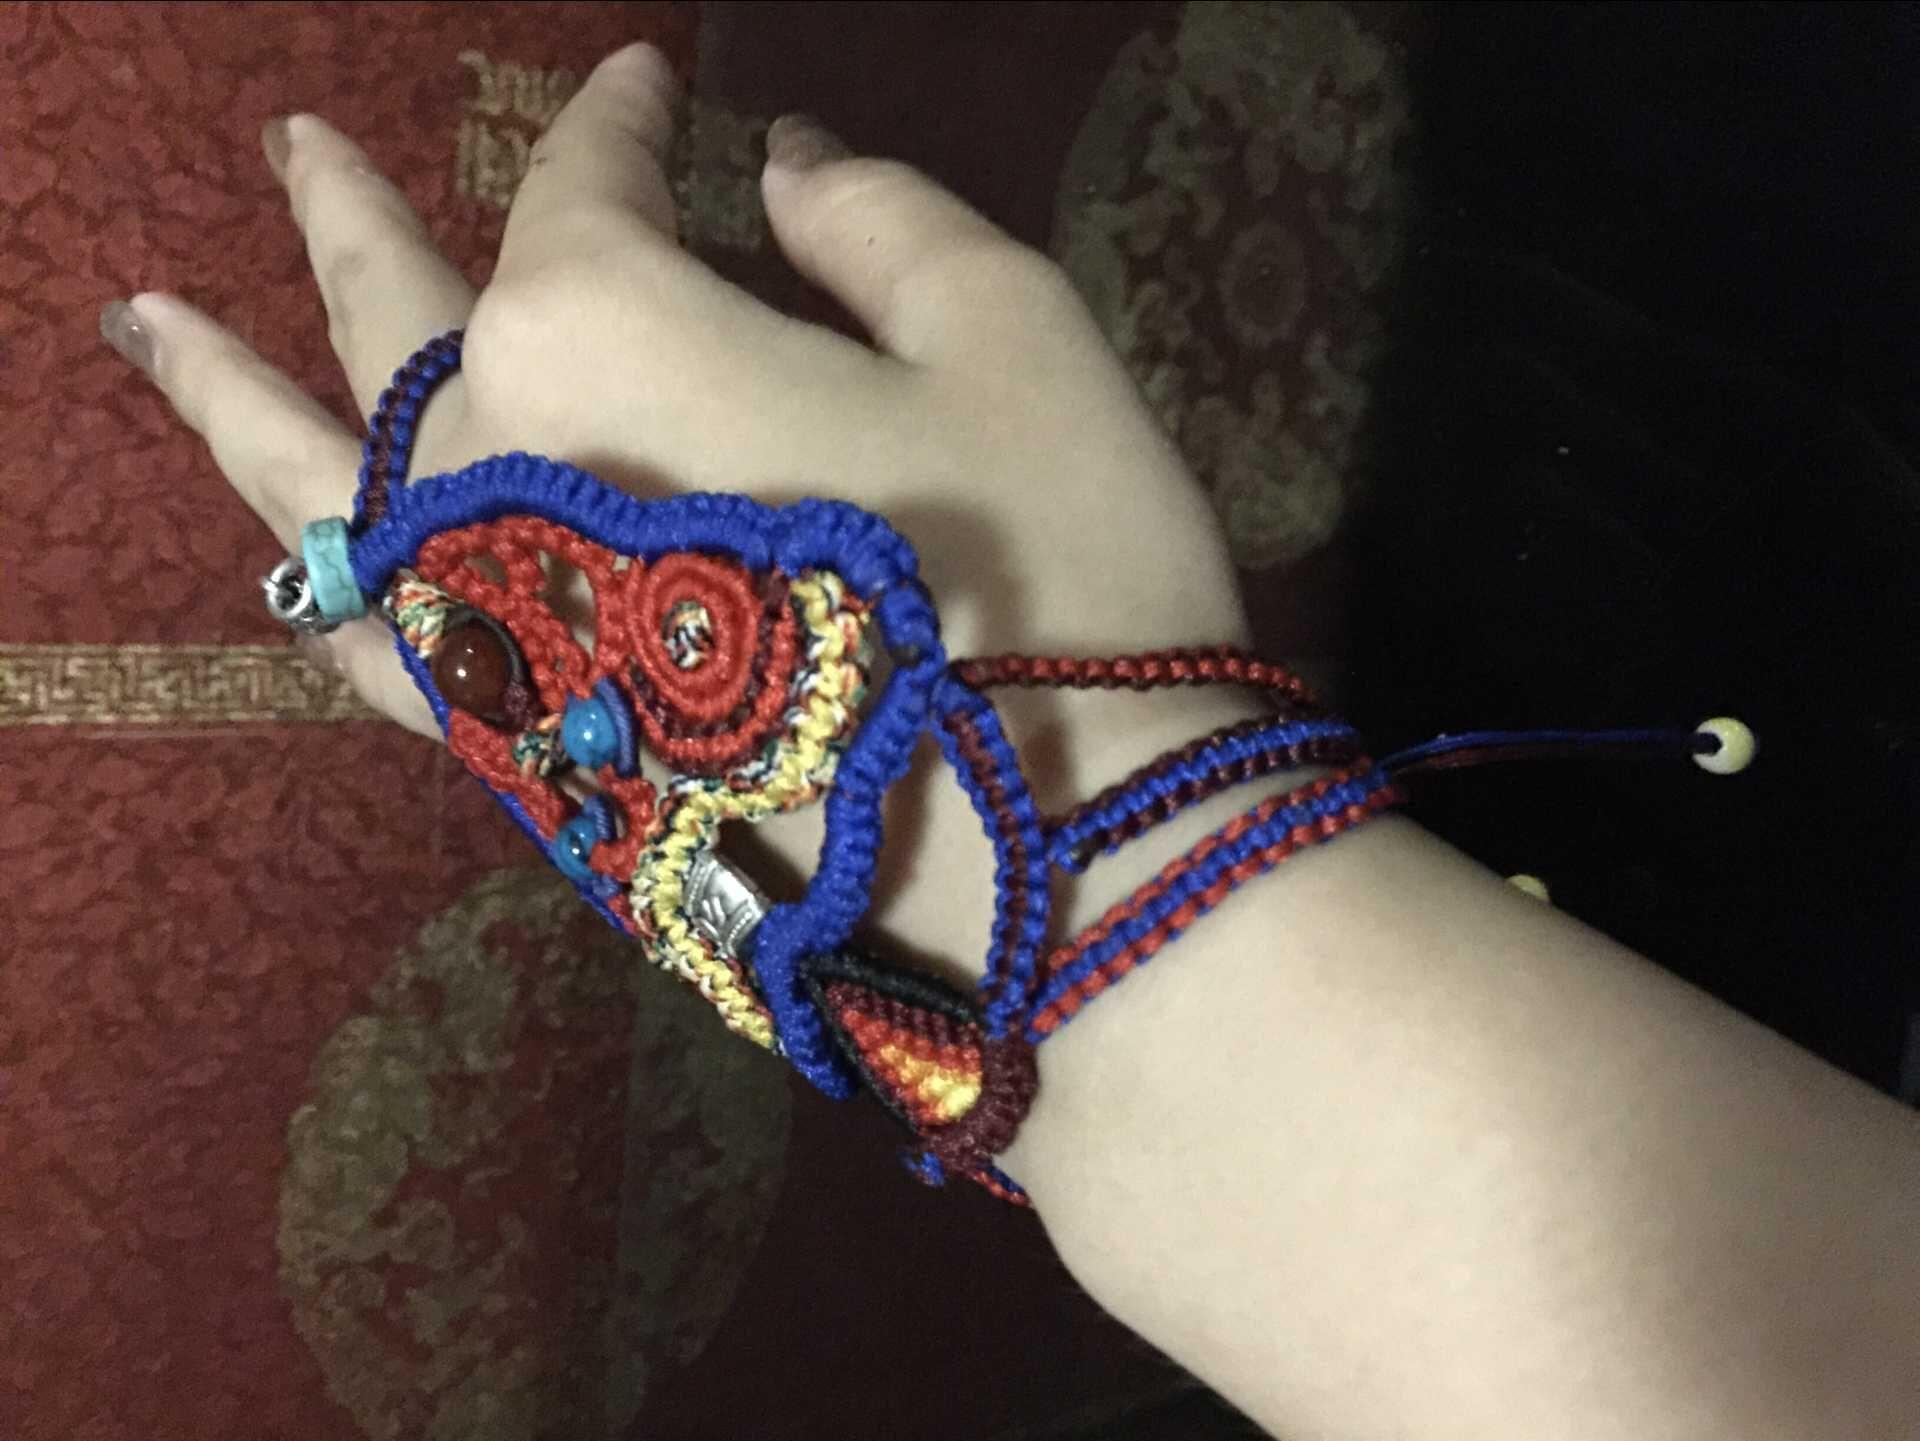 中国结论坛 我编的带在手背上的民族风饰品,第一次自己设计,感觉棒棒哒 民族,饰品 作品展示 120625o1u1ww5woupy21ww